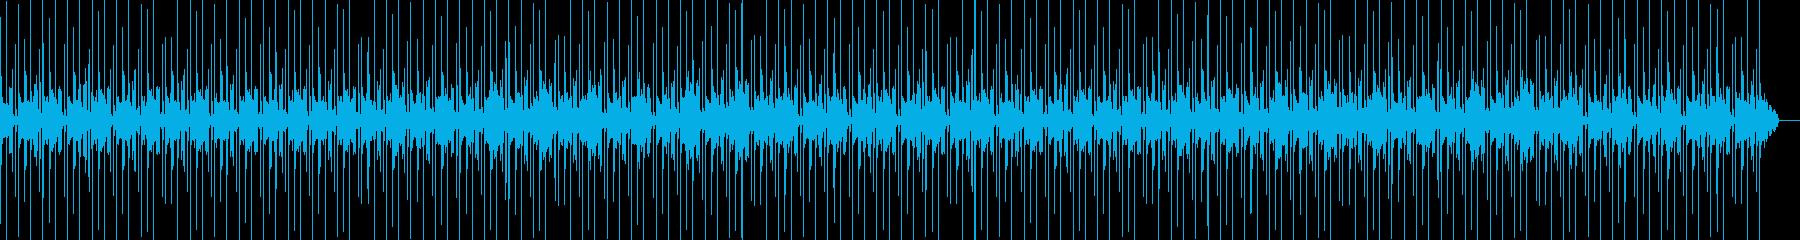 ローズが印象的なアーバンビートの再生済みの波形